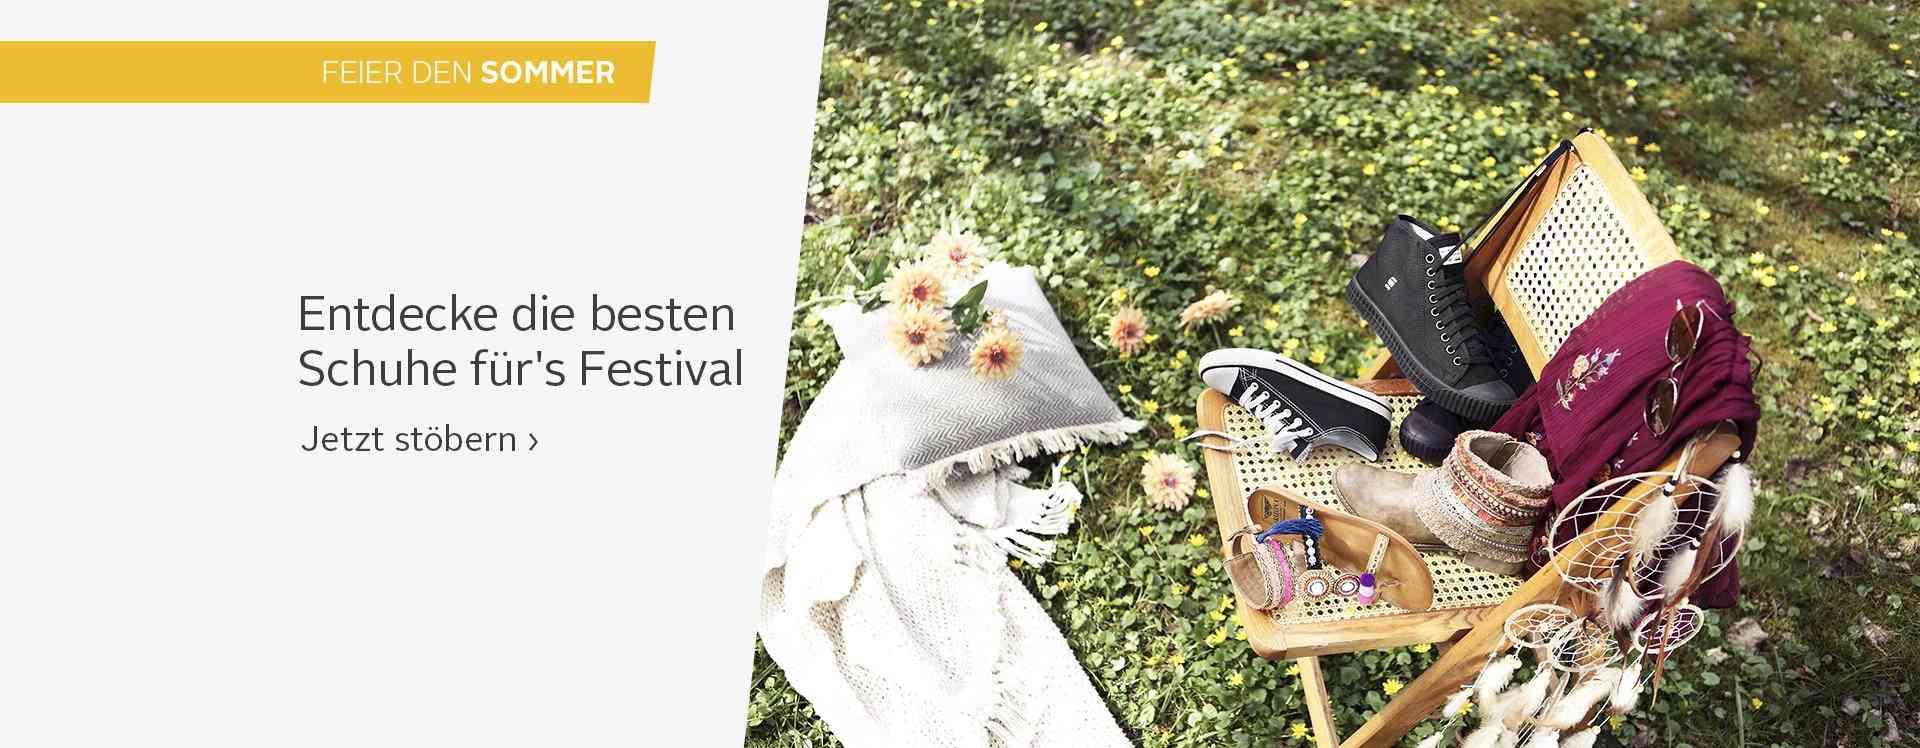 Bühne frei für die Style-Newcomer! Bei den Damen- und Herren-Festivalschuhen finden Sie genau das Richtige für Ihr großes Event... Jetzt stöbern!